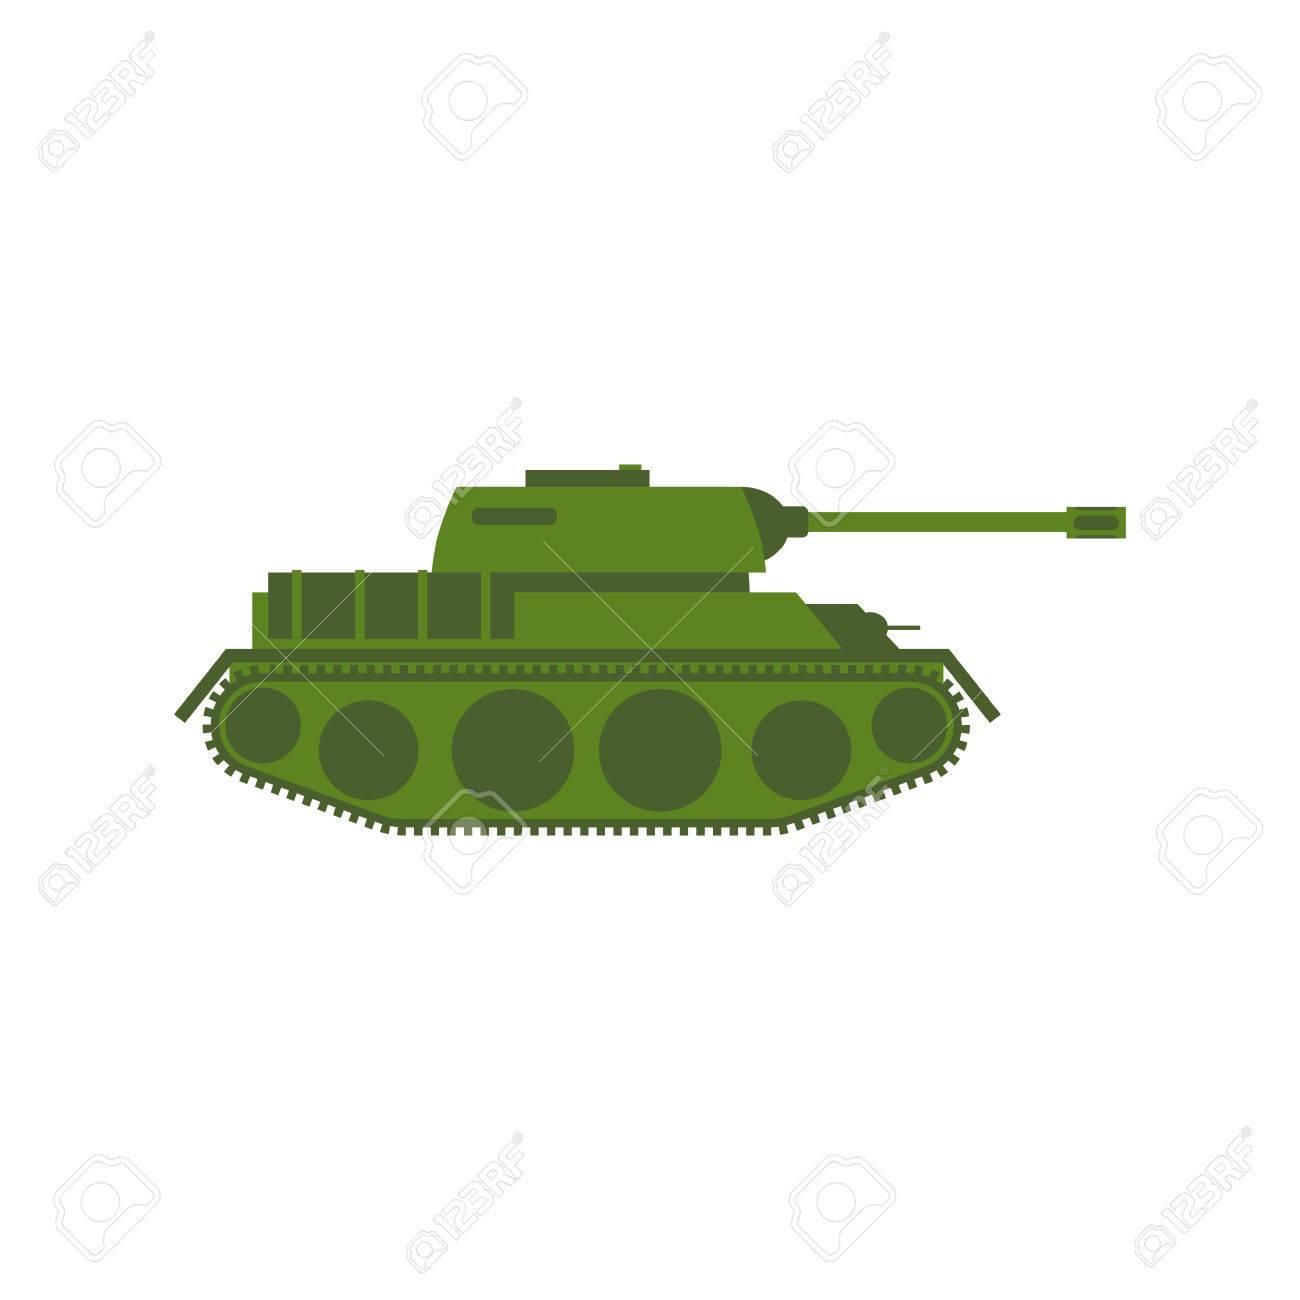 Tanque Militar Aislado. Máquina De Guerra Del Ejército Sobre Fondo ...